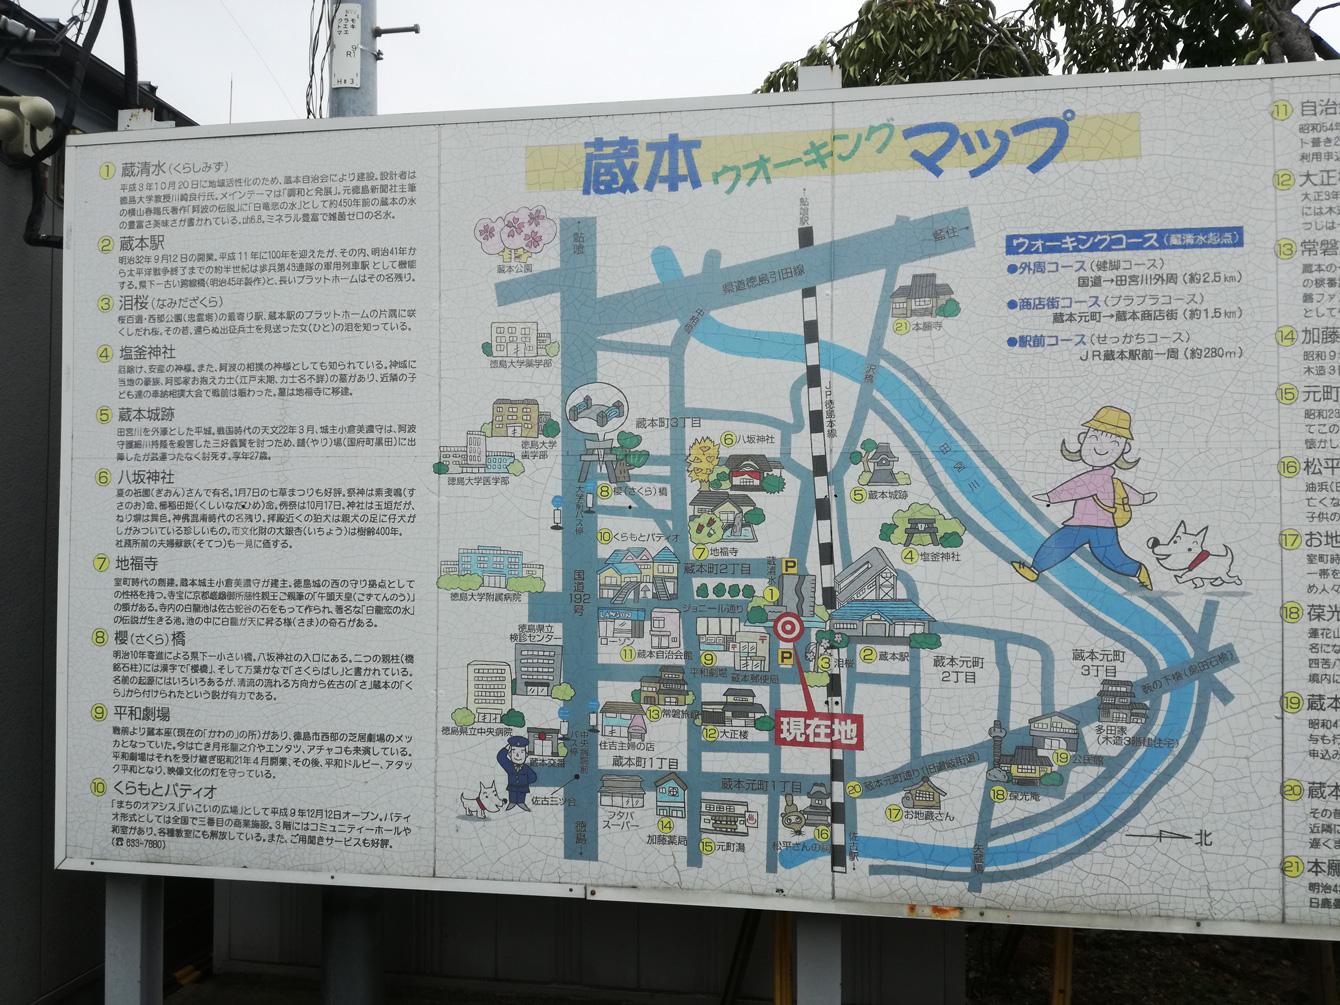 駅前にある散策マップ